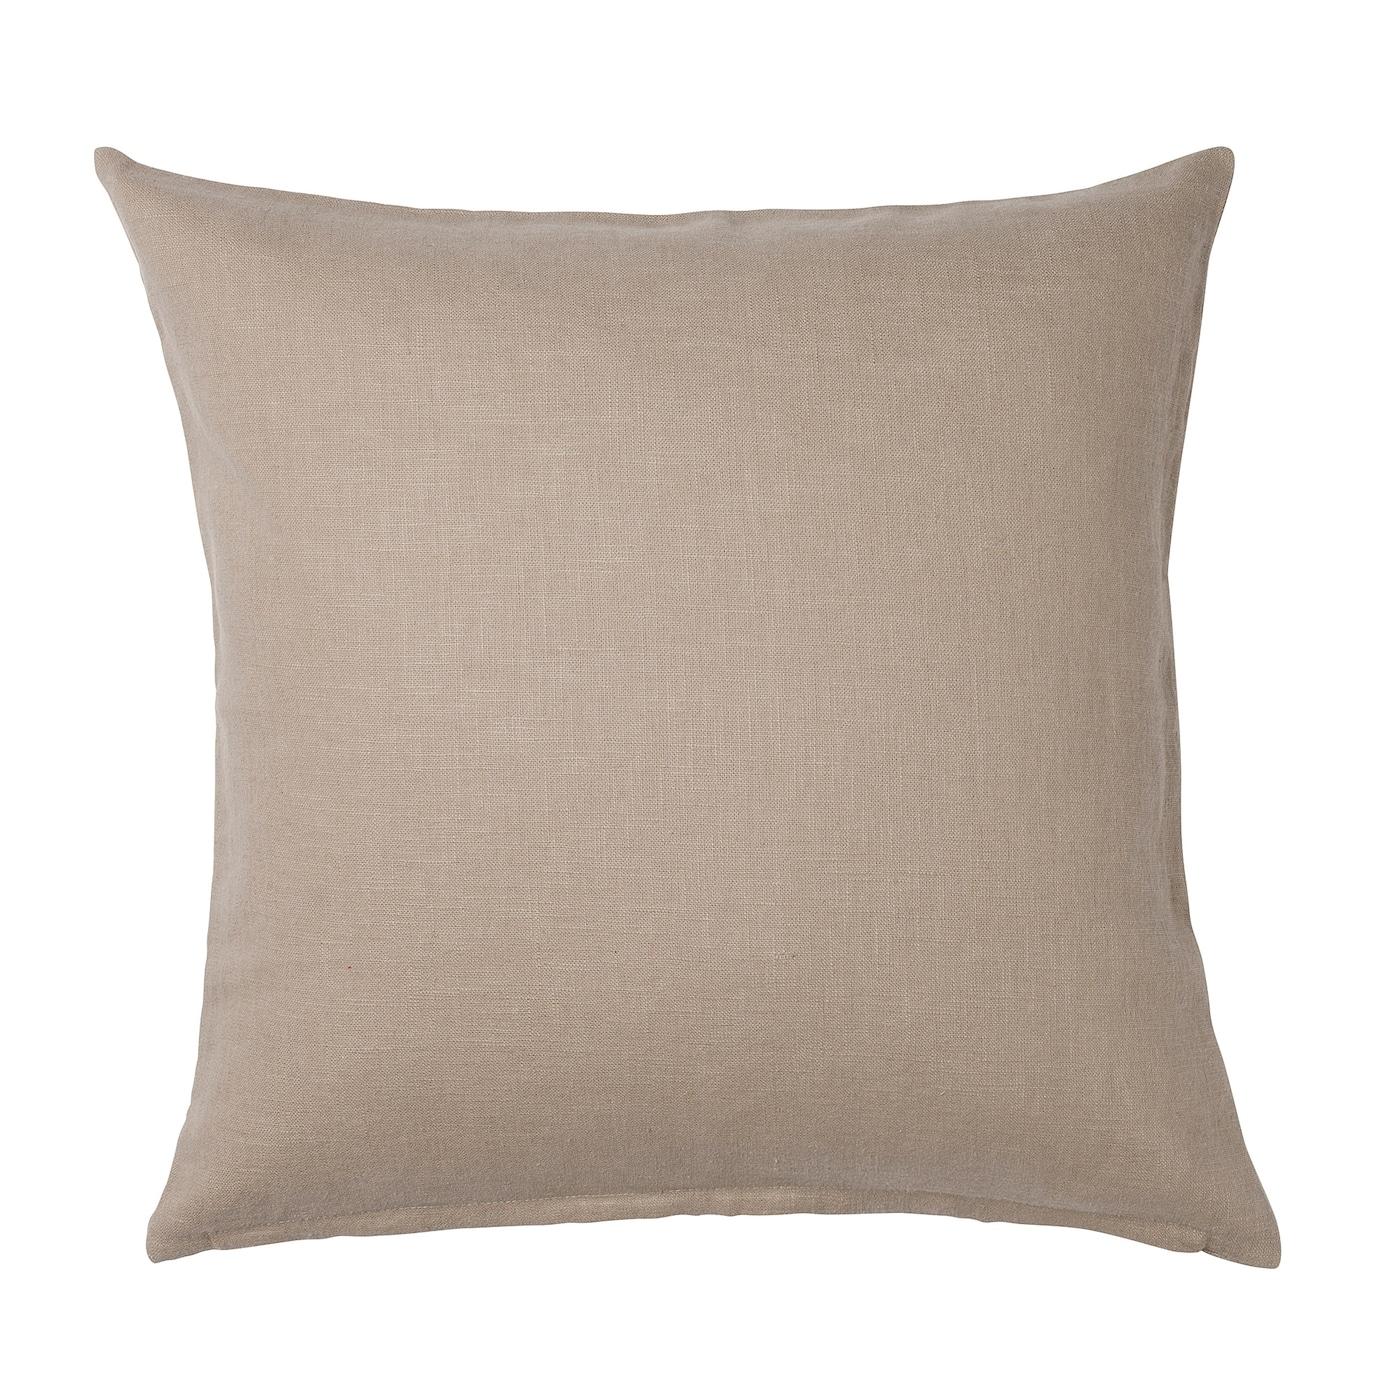 vigdis housse de coussin beige 50 x 50 cm ikea. Black Bedroom Furniture Sets. Home Design Ideas